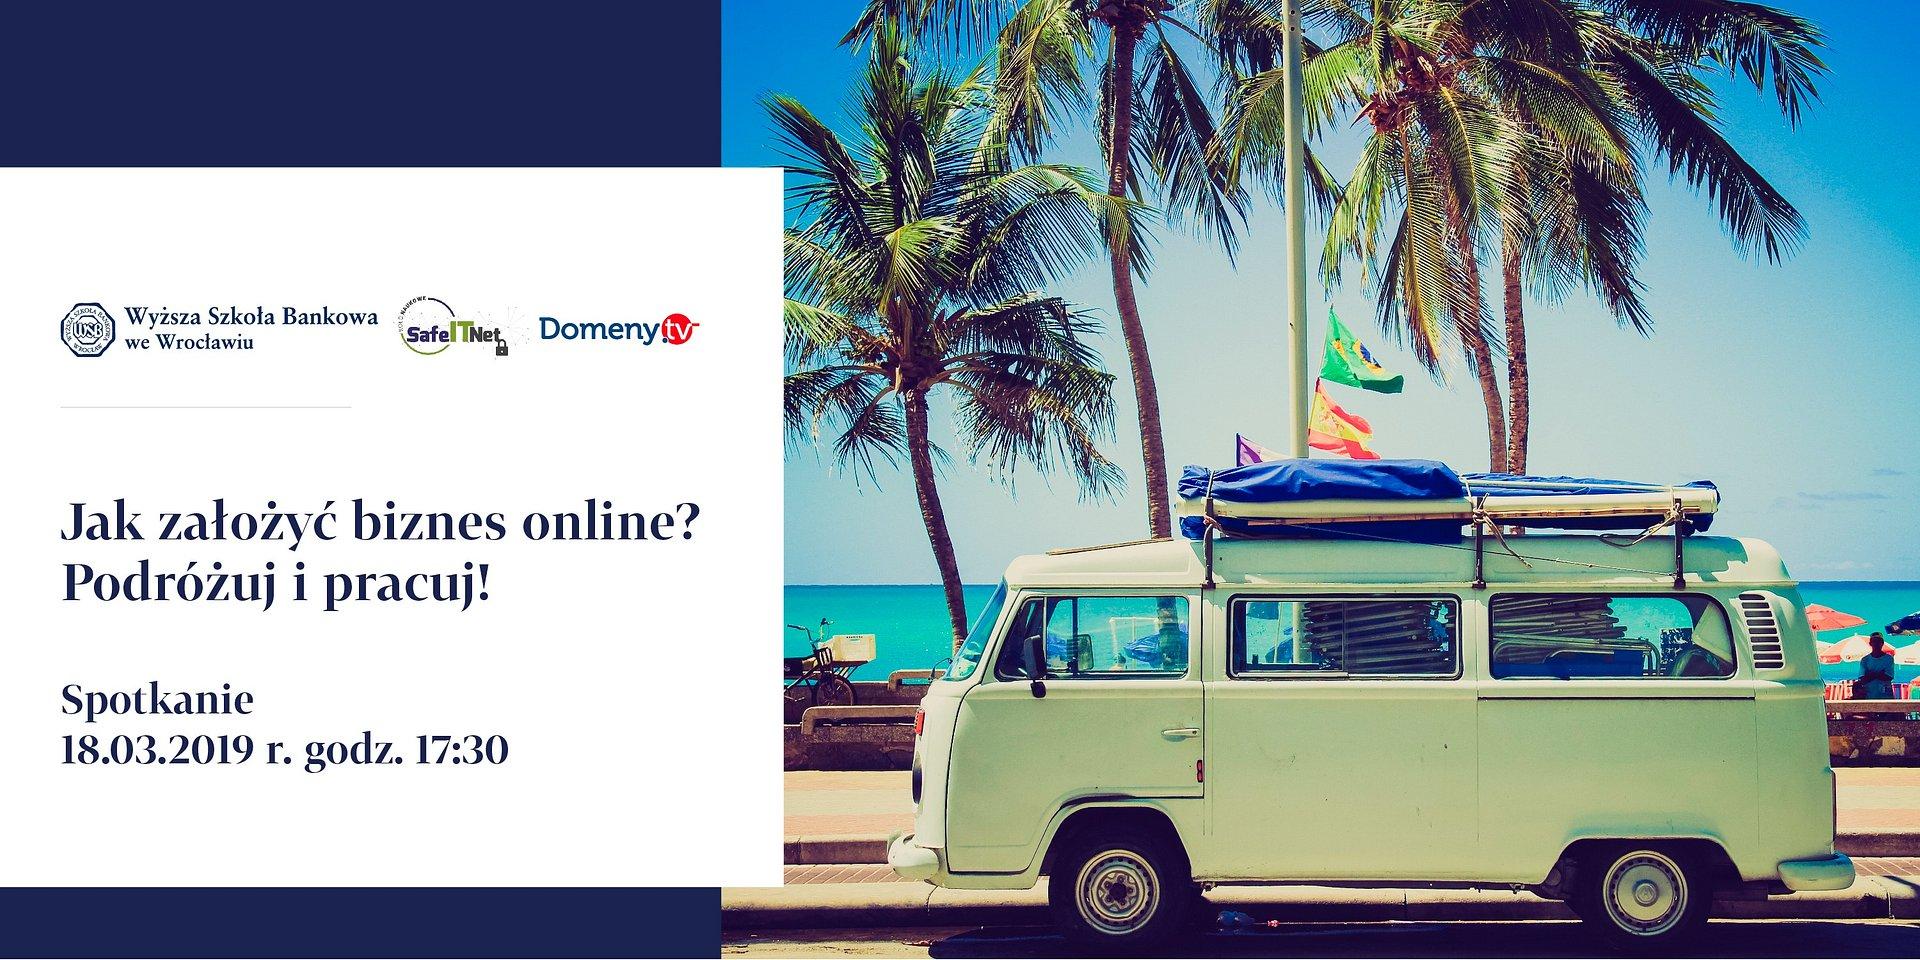 Jak założyć biznes online? Podróżuj i pracuj!